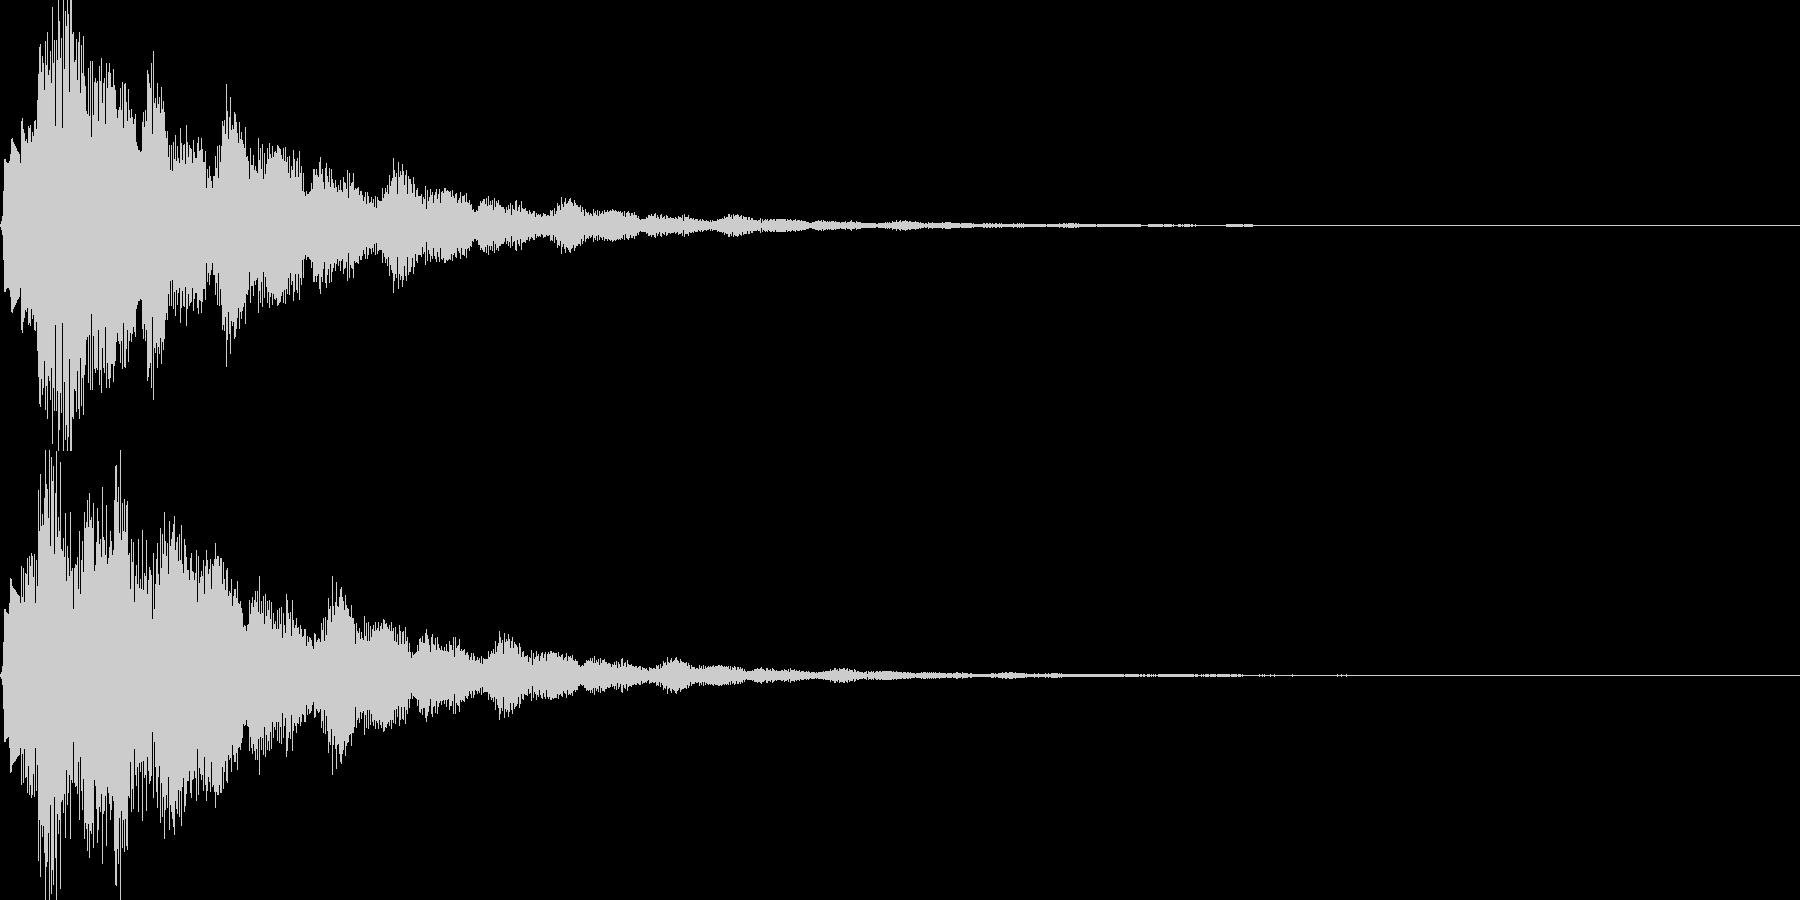 サウンドロゴ39_ベル系の未再生の波形